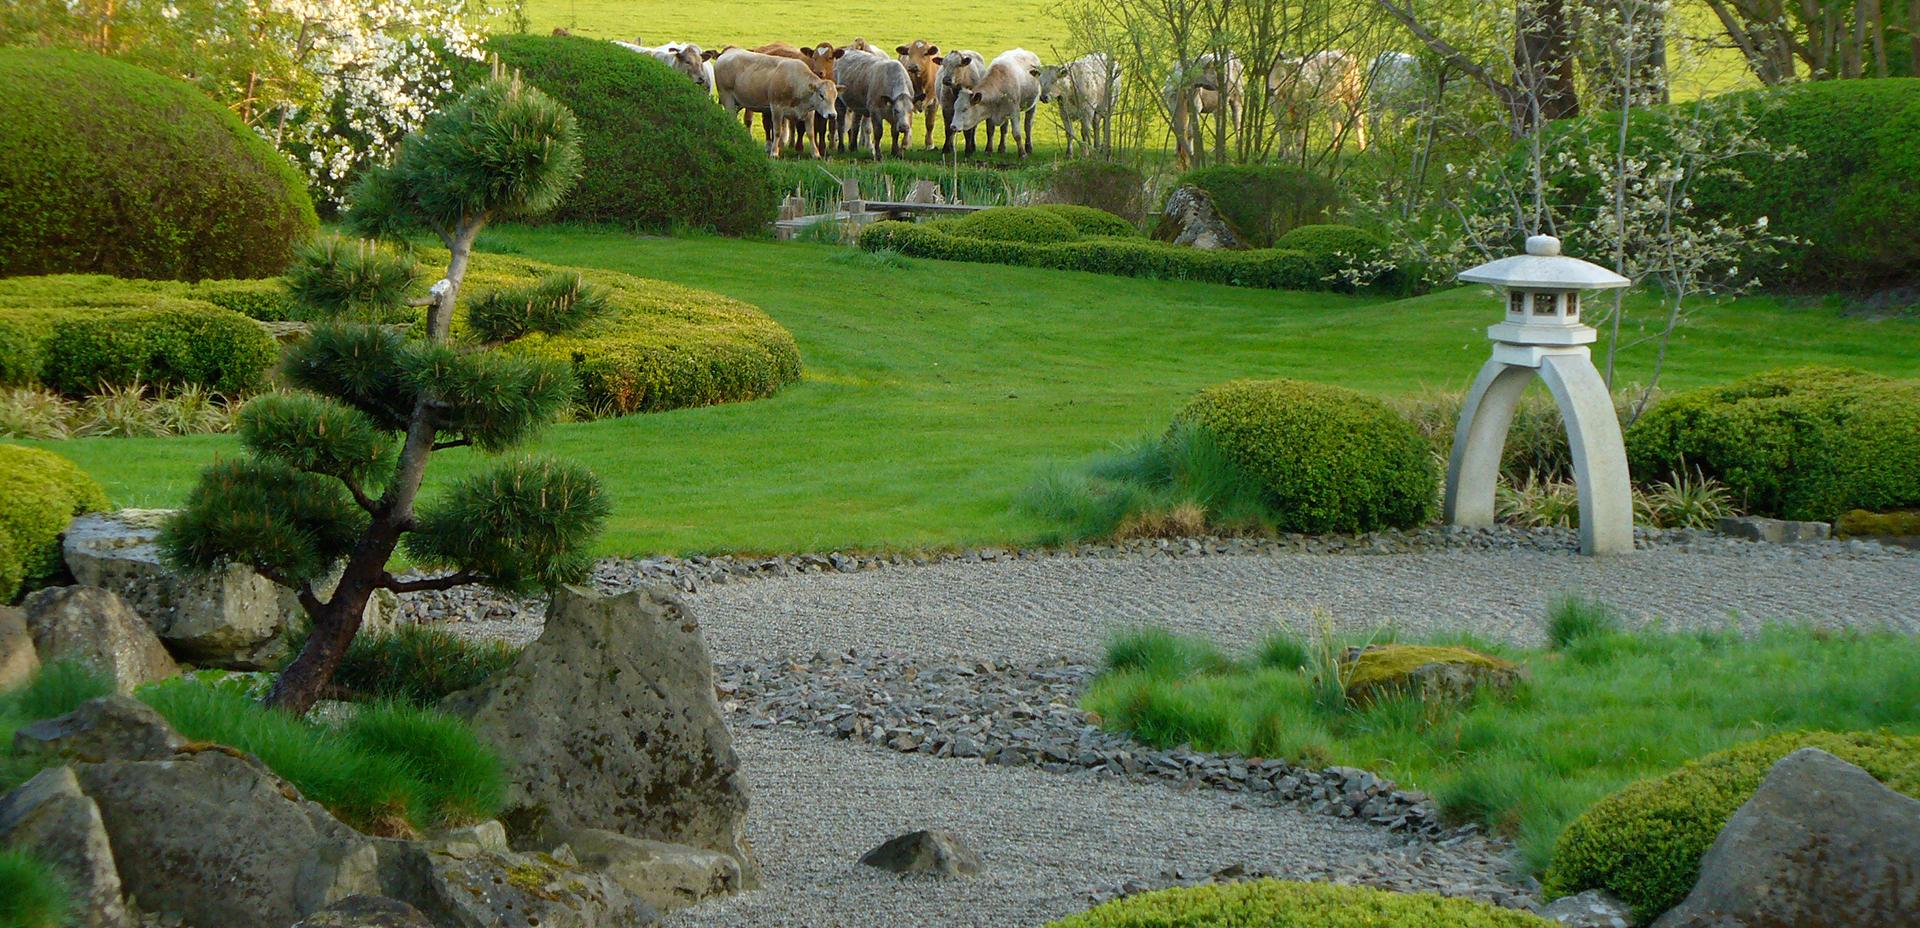 ROJI Japanische Gärten | Öffnungszeiten für den japanischen Garten ...